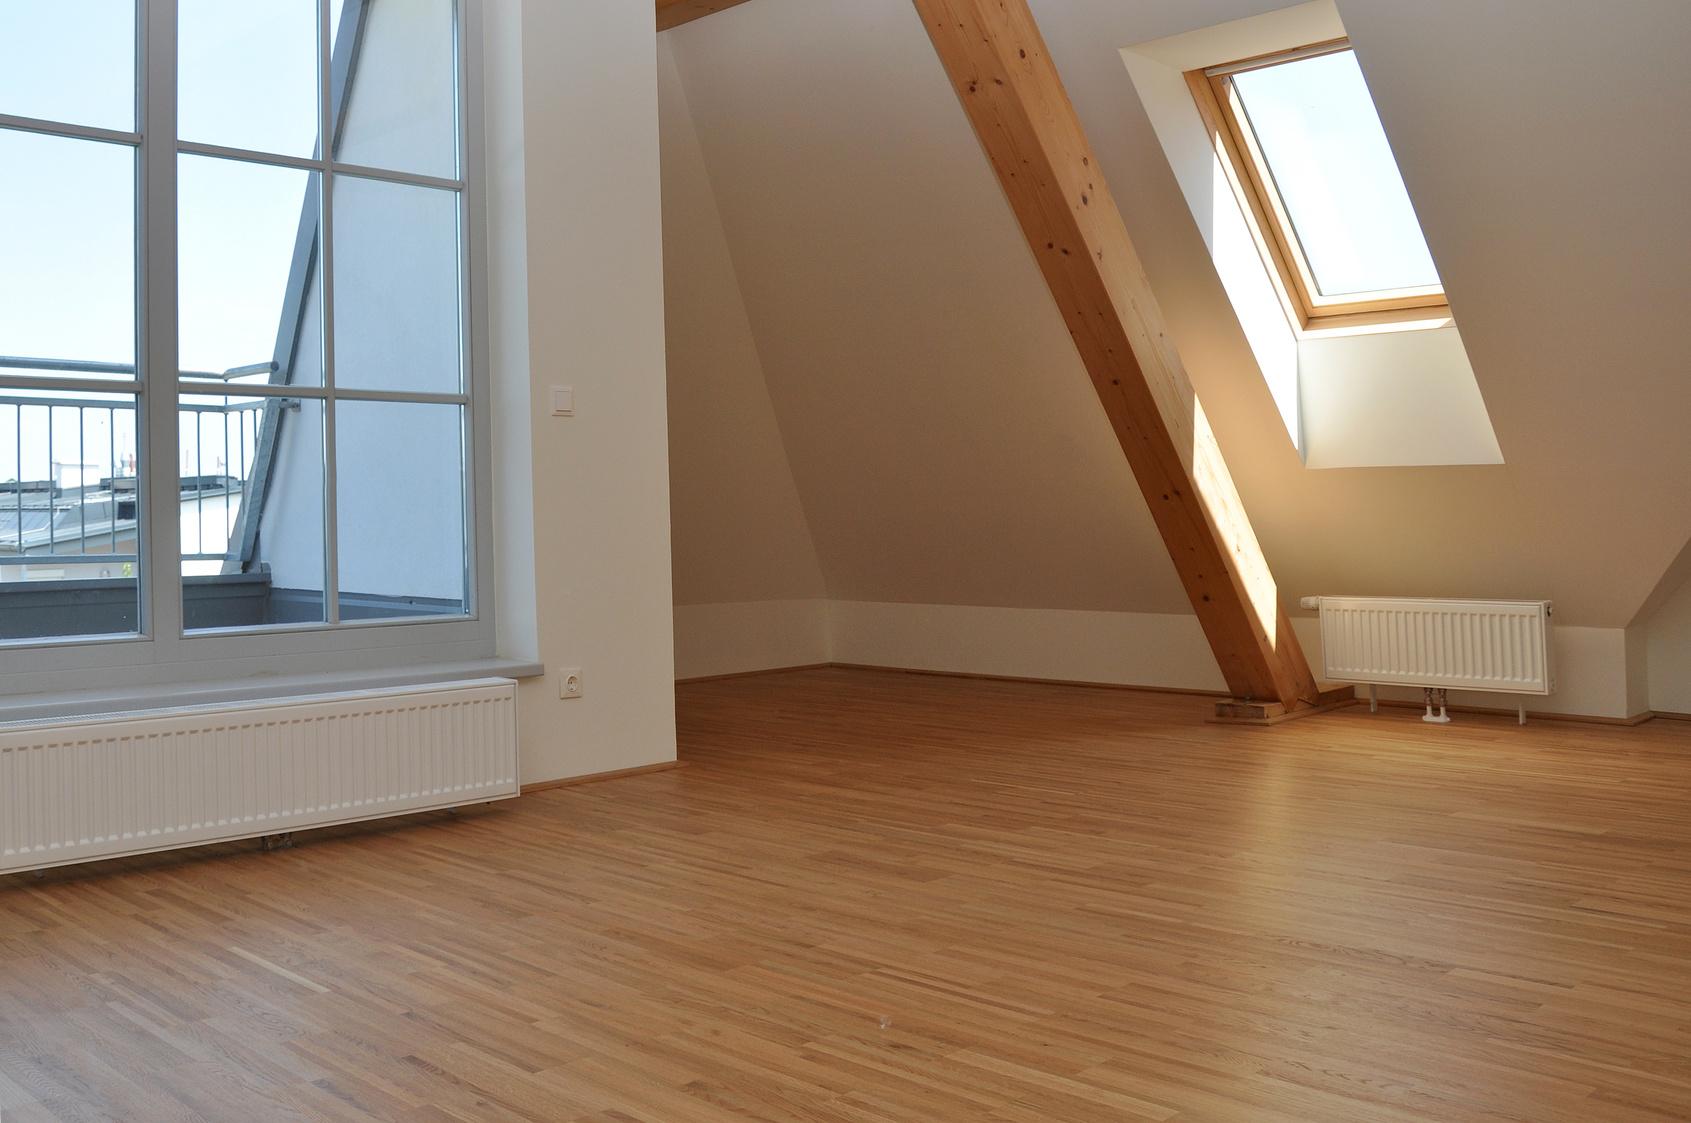 Für einen individuellen gesunden Innenausbau benötigt man unterschiedliche Materialien